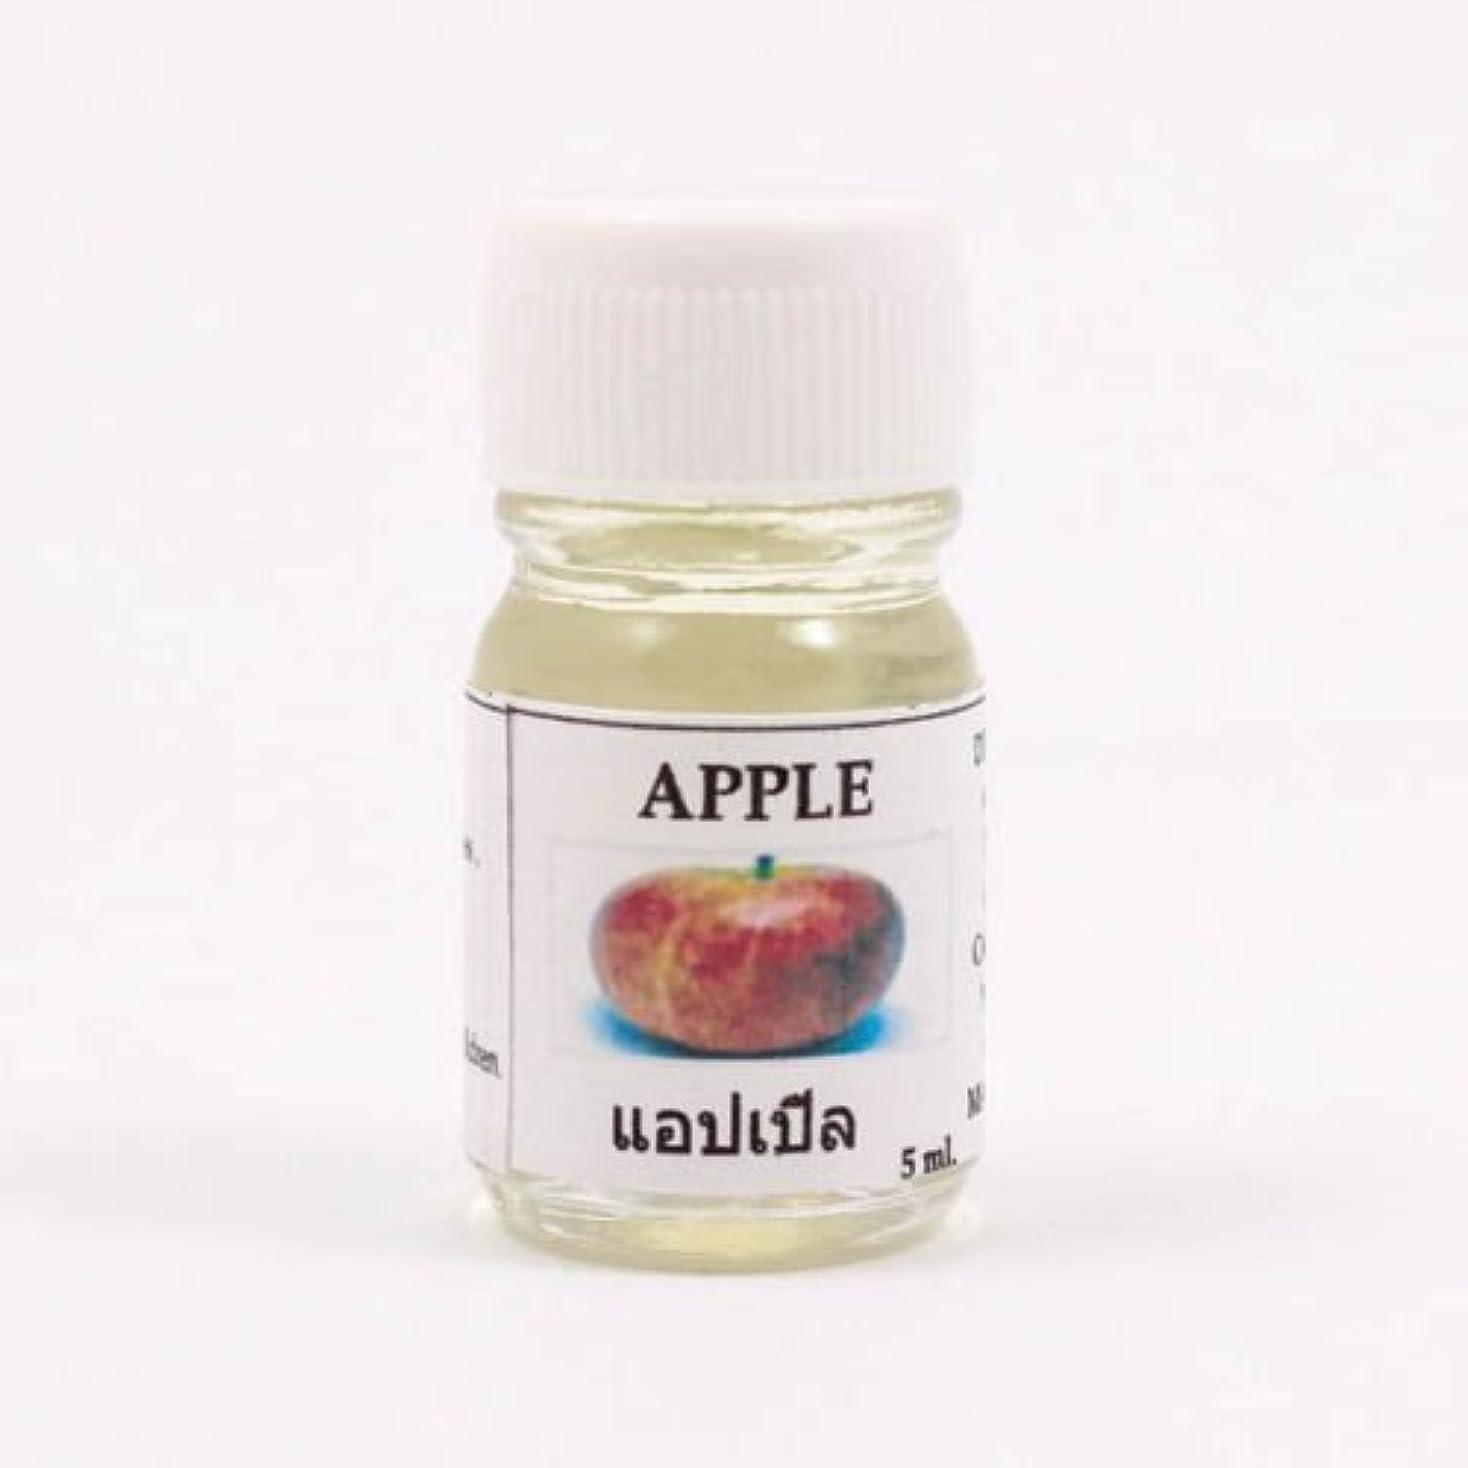 バレル安定しましたキャリア6X Apple Aroma Fragrance Essential Oil 5ML cc Diffuser Burner Therapy